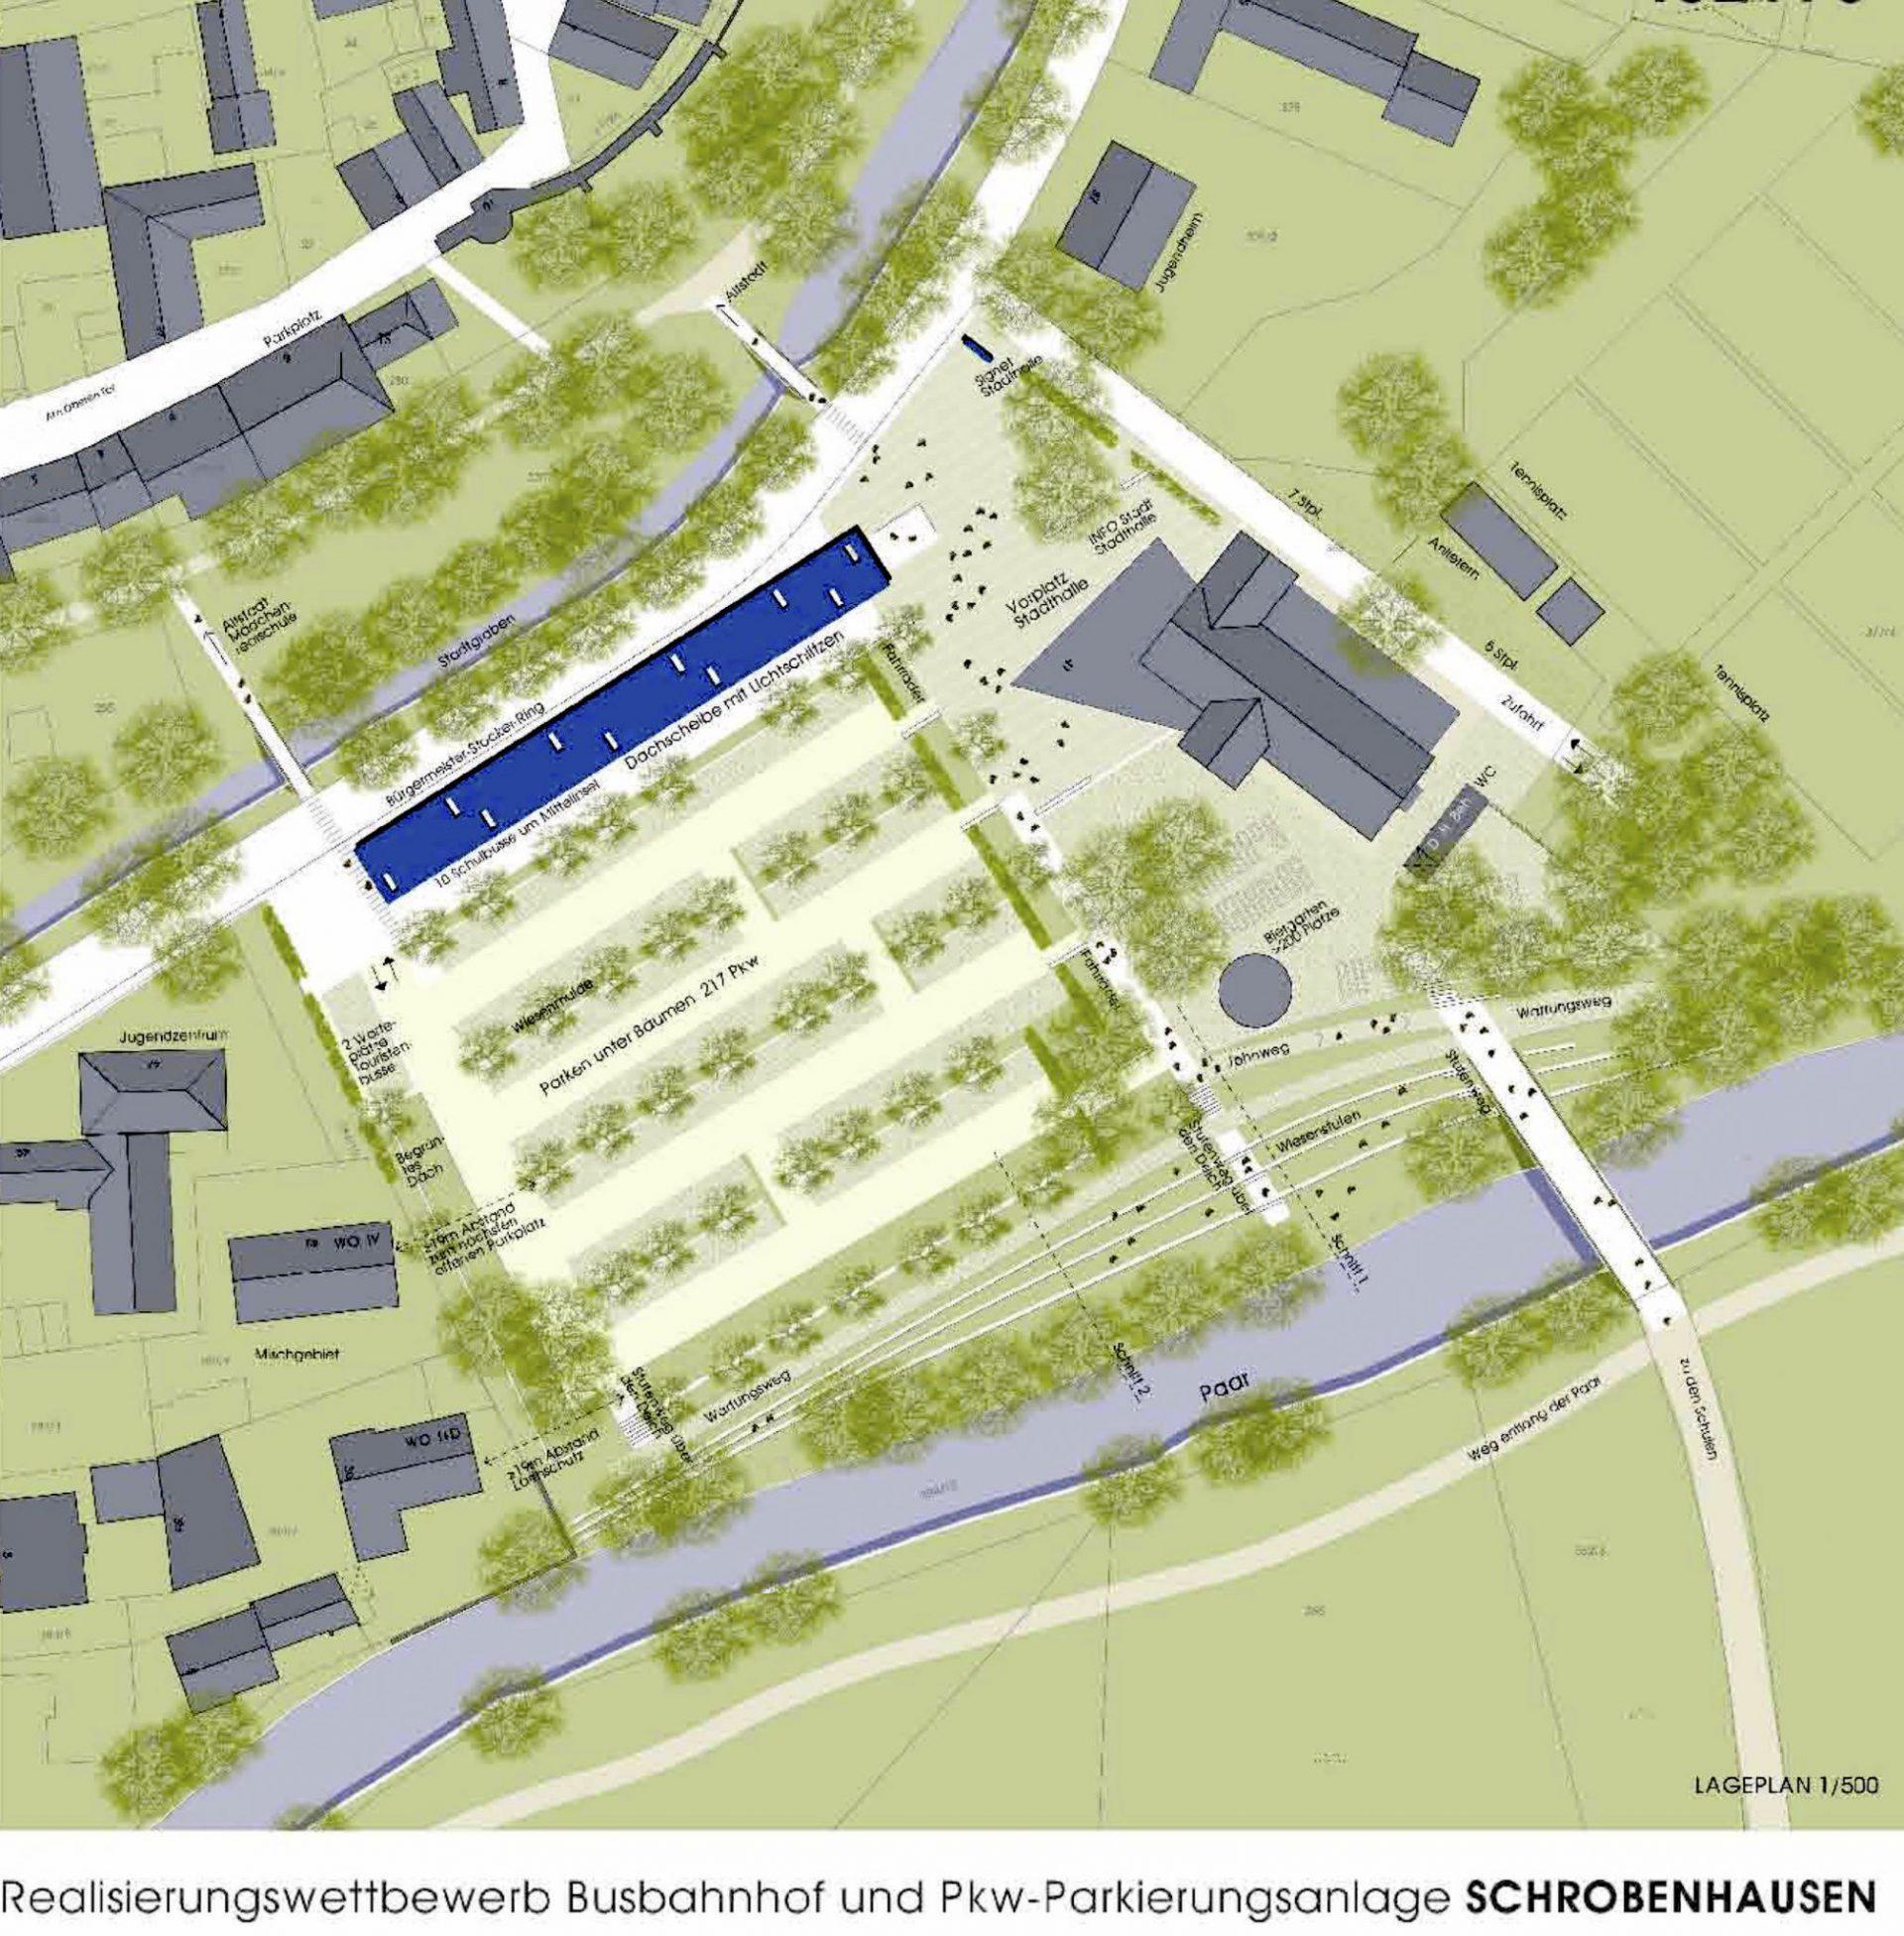 Realisierungswettbewerb Busbahnhof Schrobenhausen